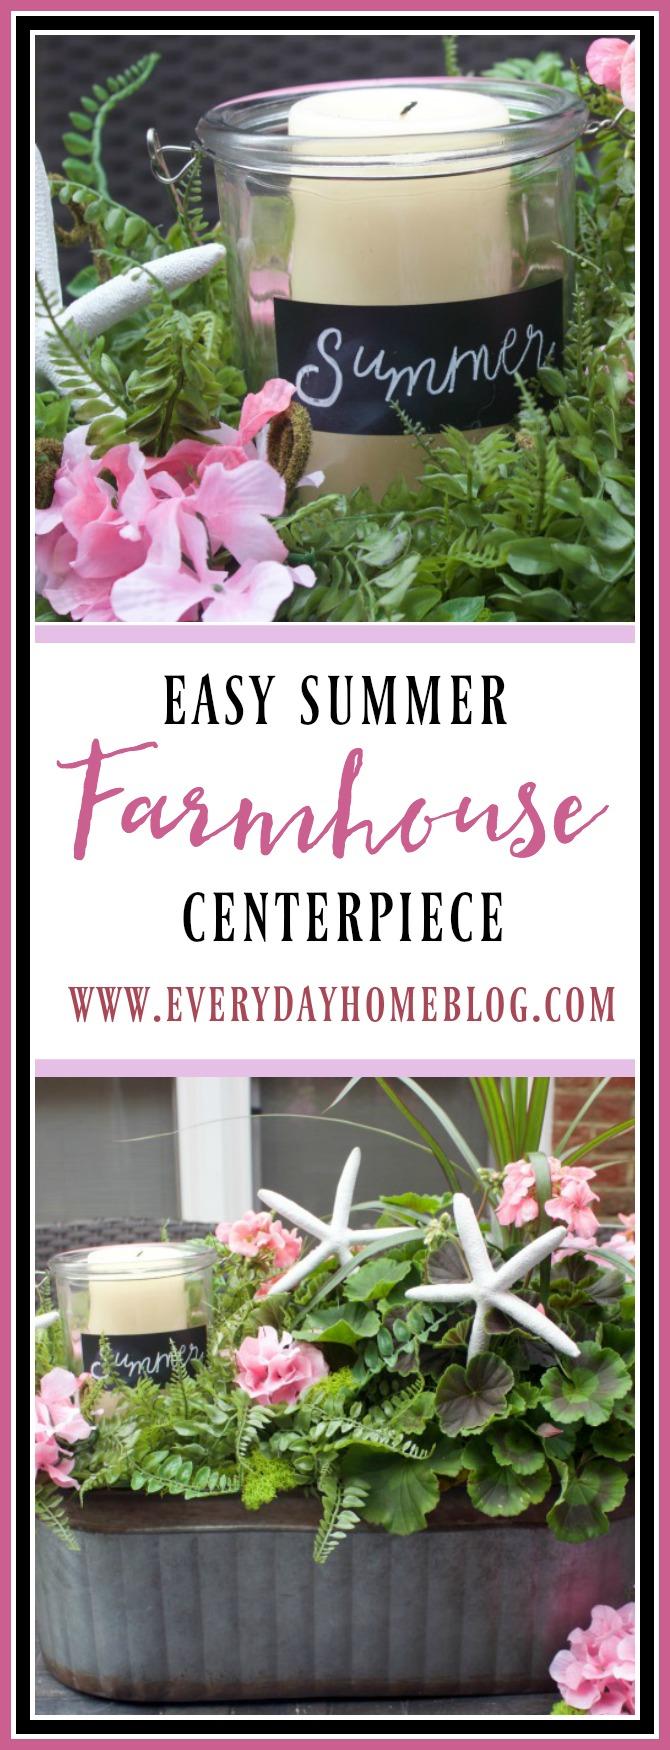 How to Make an Easy Summer Farmhouse Centerpiece || The Everyday Home || www.everydayhomeblog.com